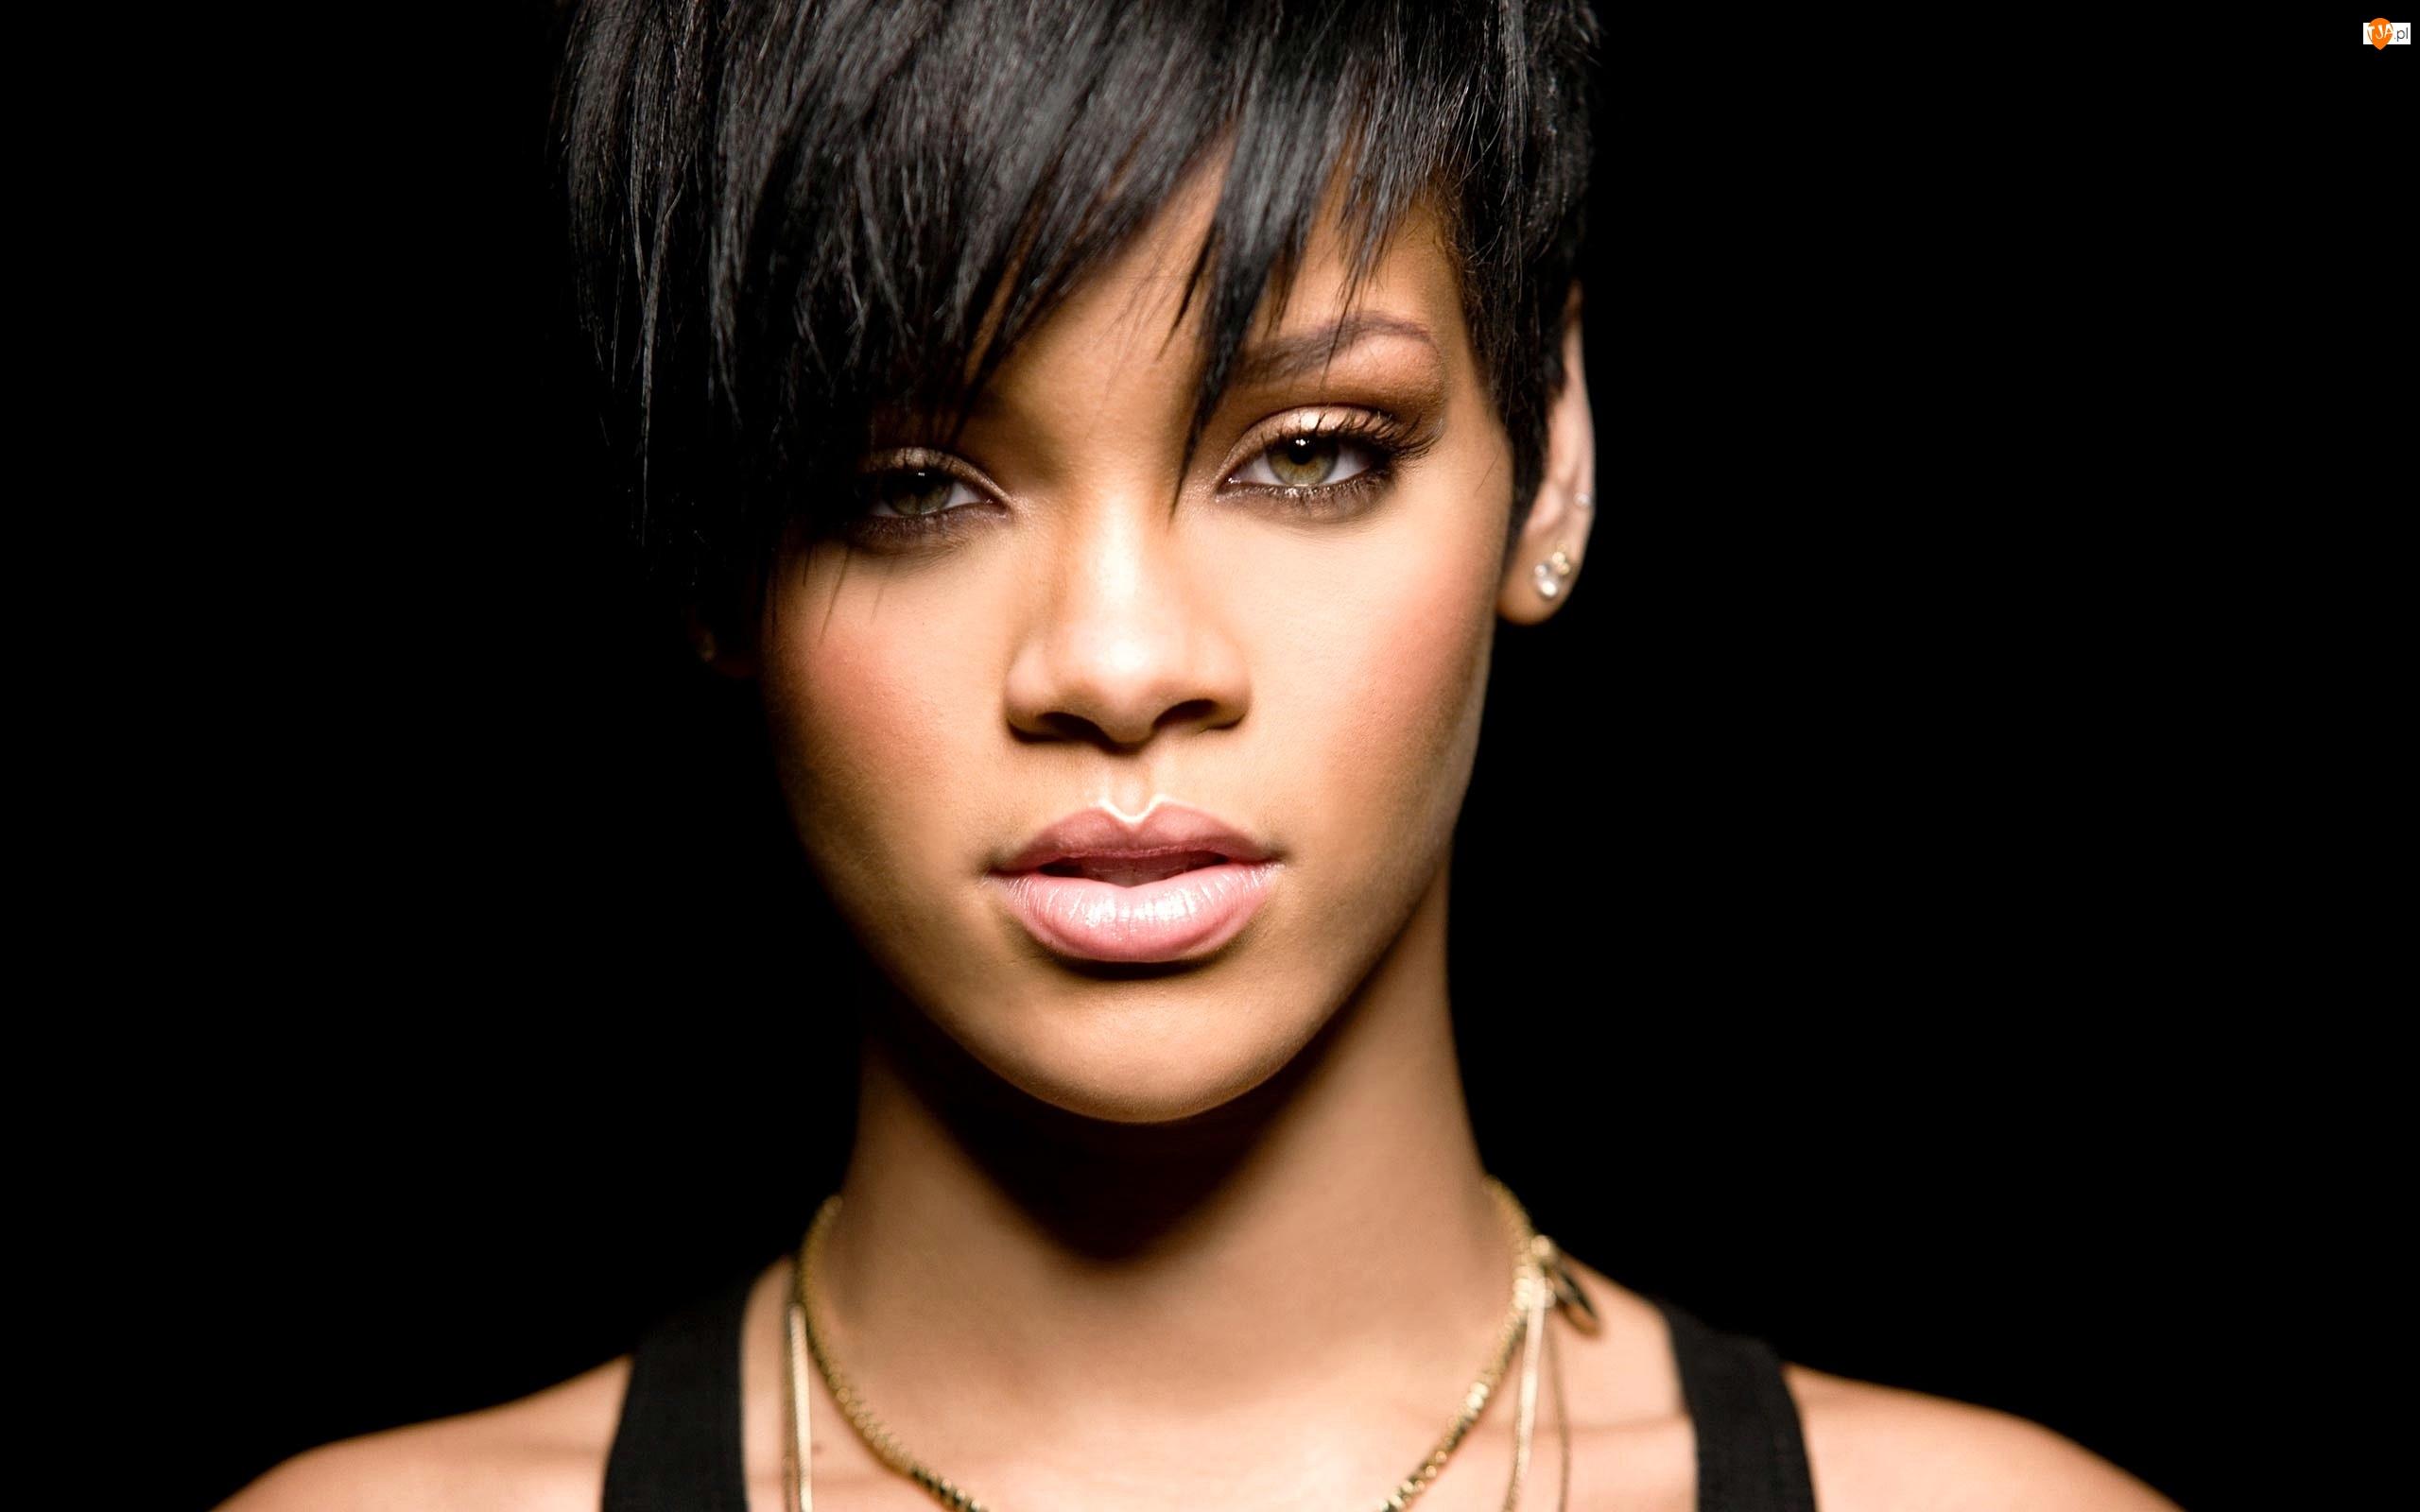 Fenty, Czarne, Robyn, Tło, Rihanna, Zbliżenie